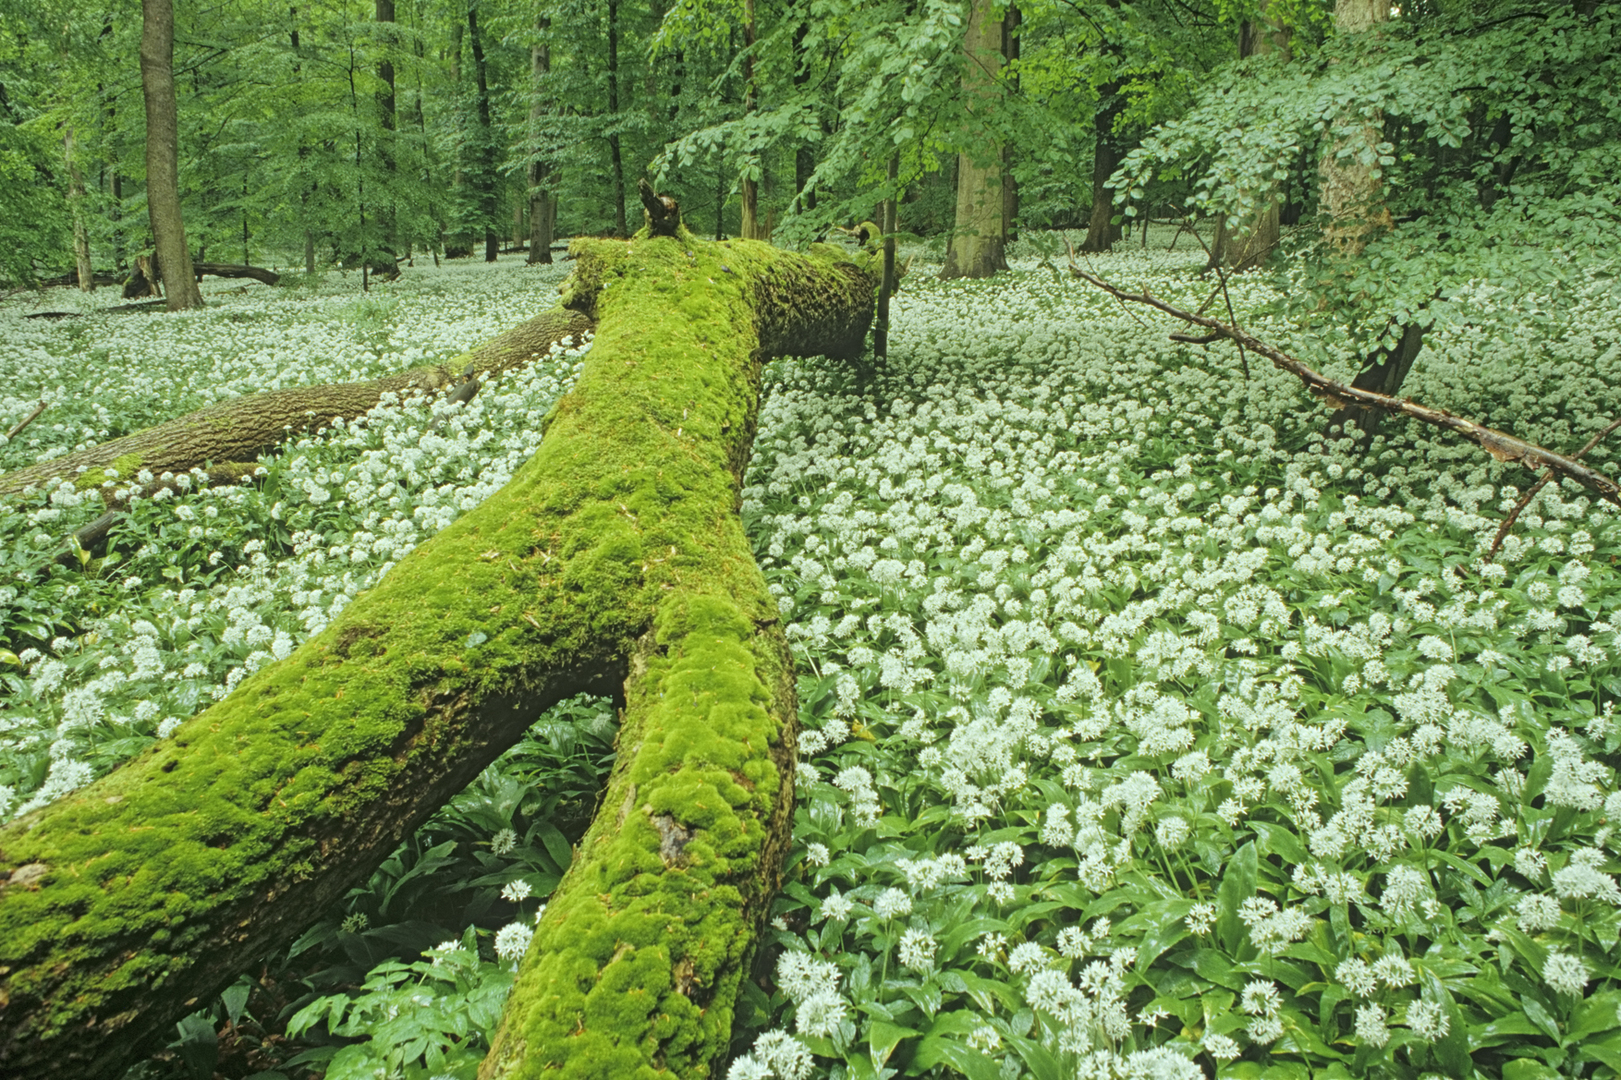 Bärlauchblüte im Wald